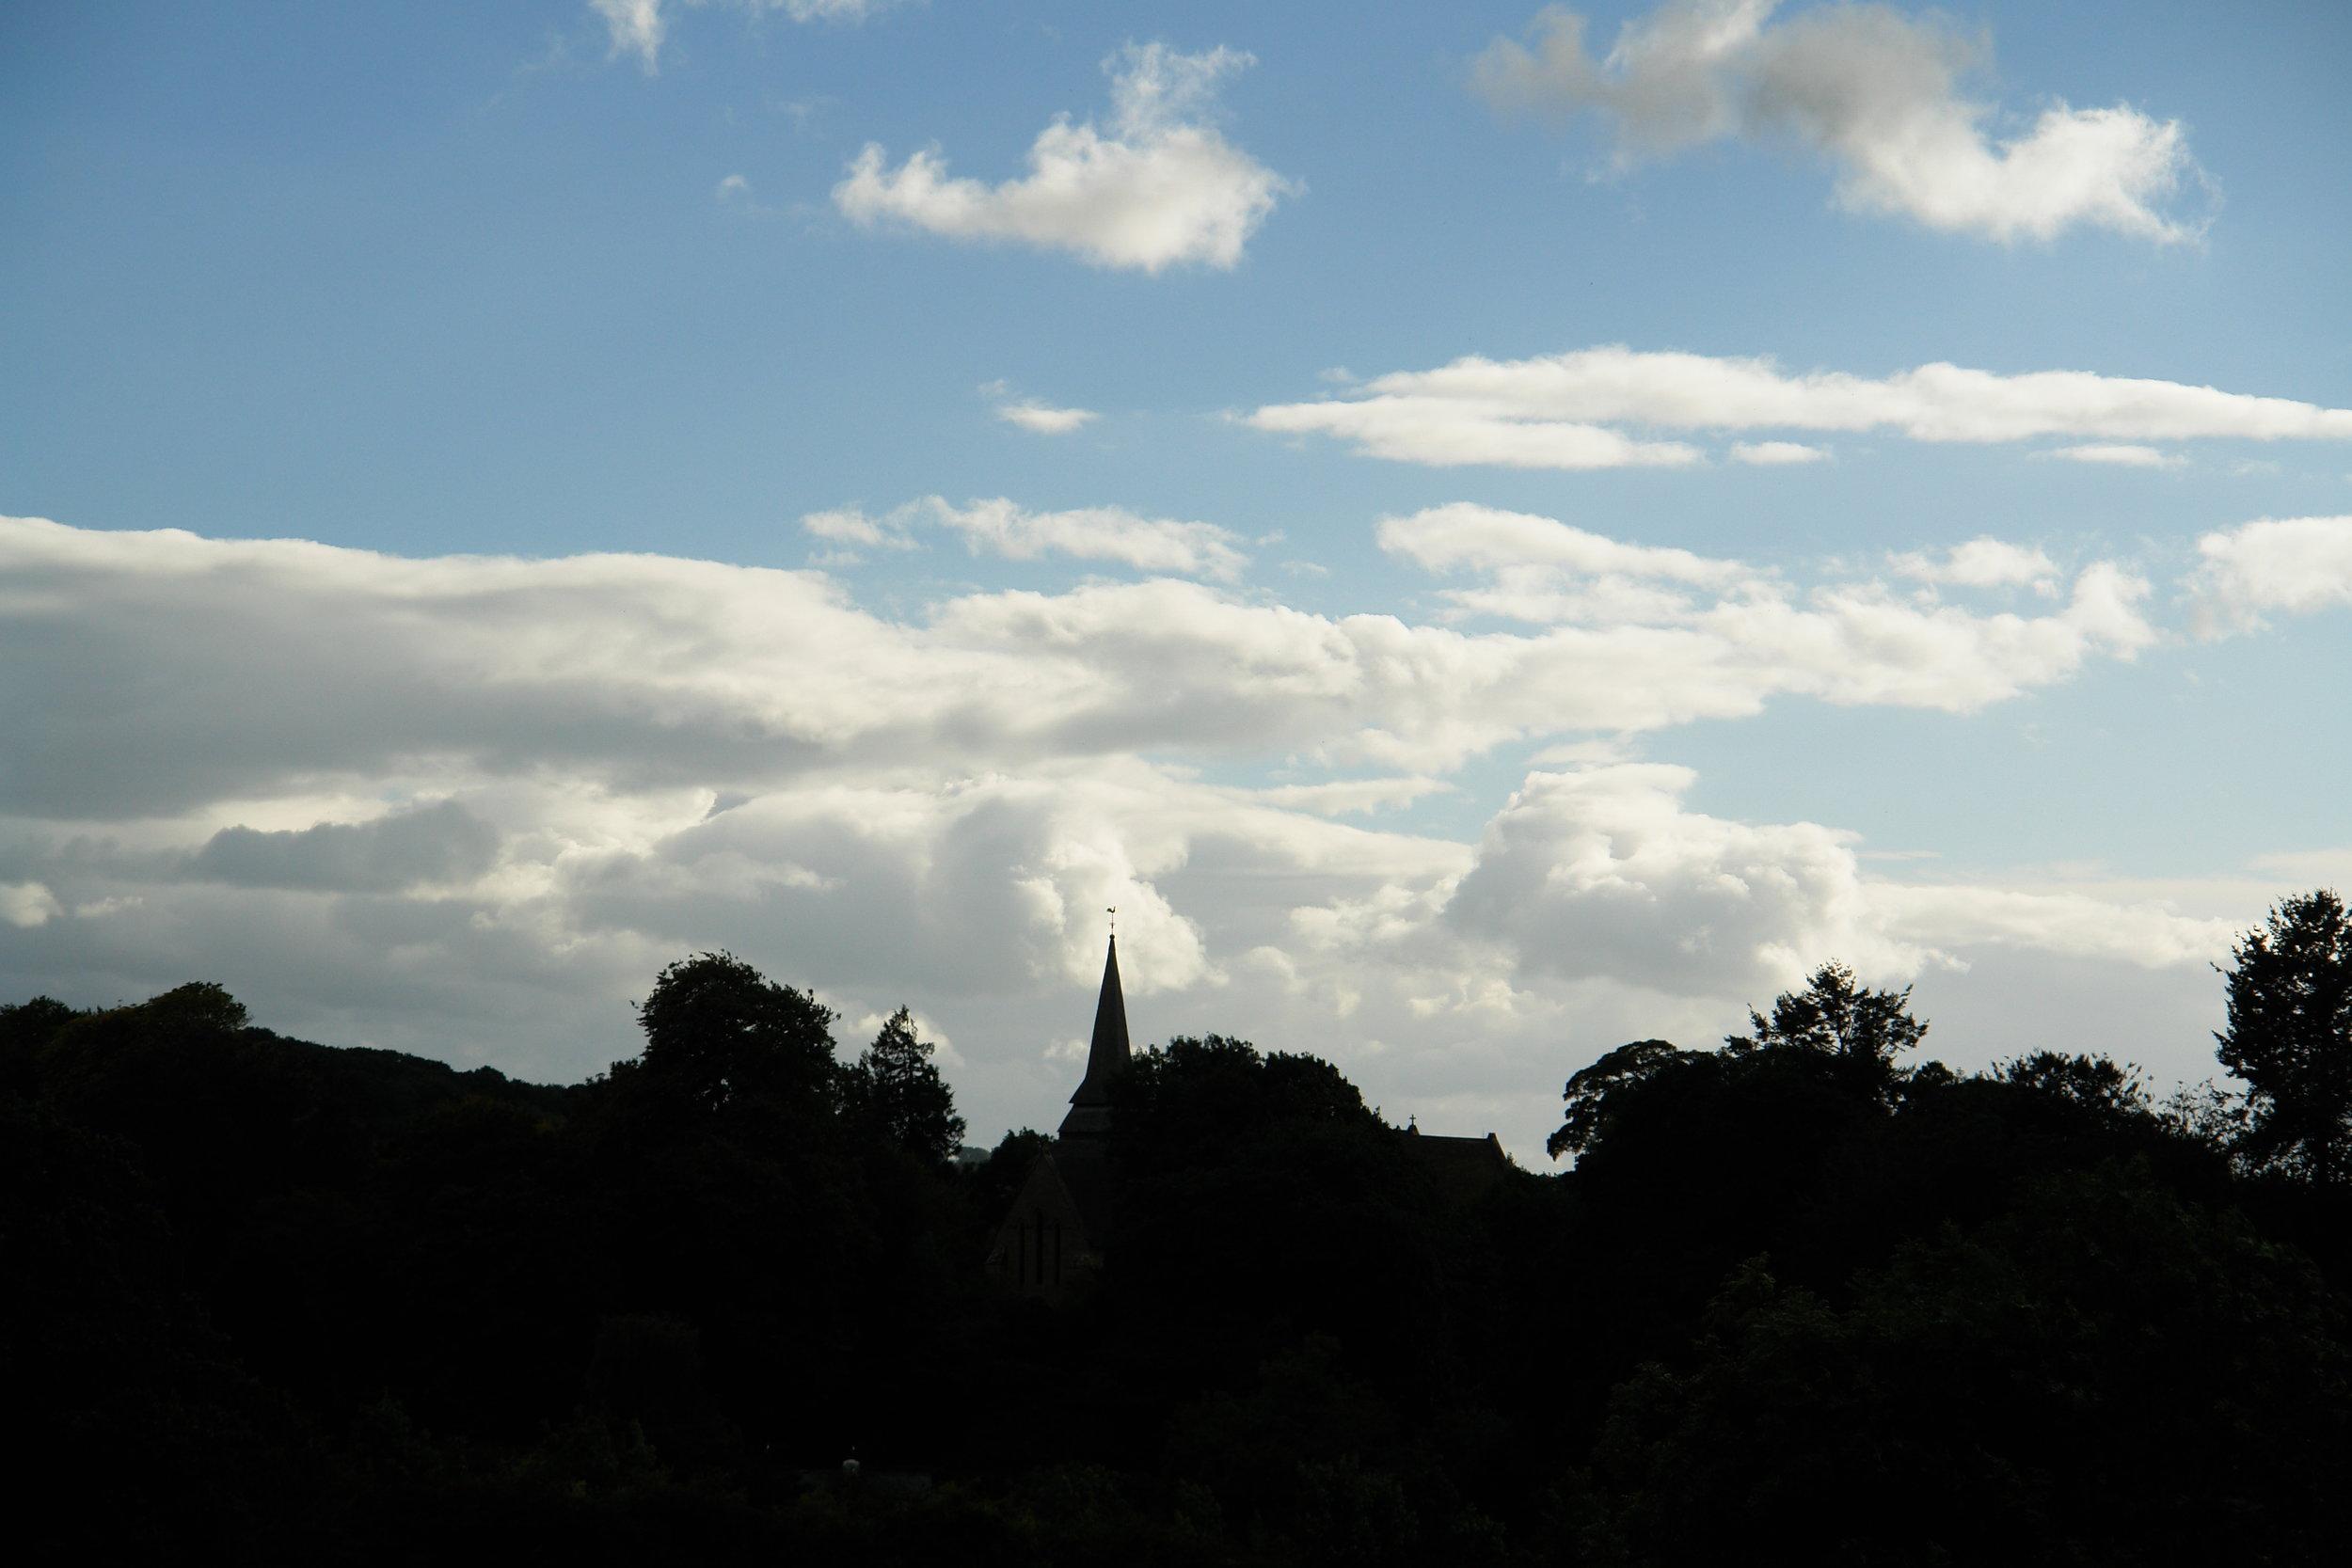 Kington St Mary's Bradnor Views 16-9-16 394.JPG